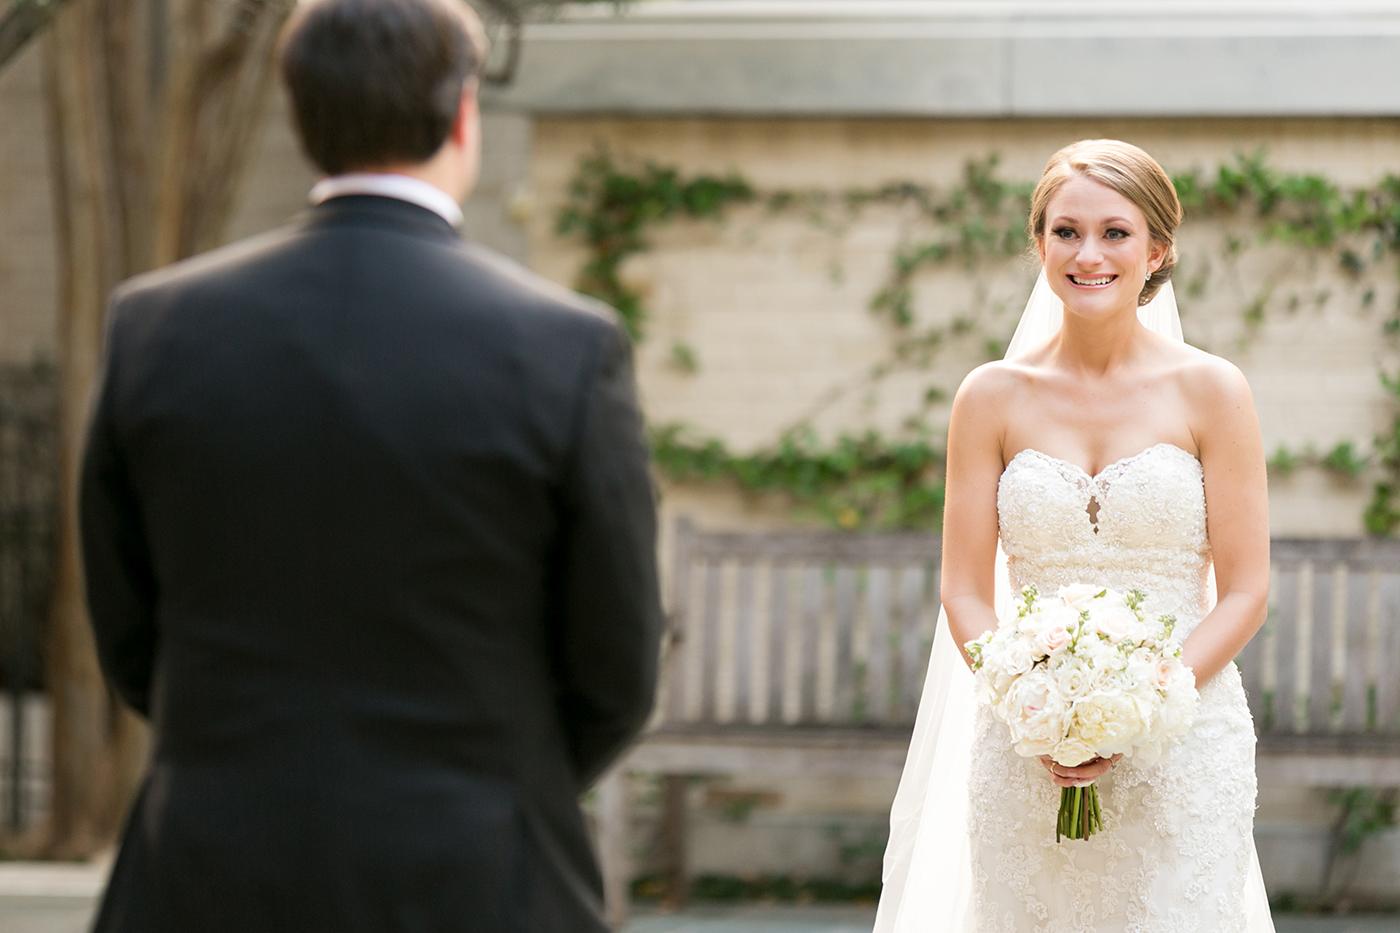 Dallas Wedding Planner - Allday Events - Classic Wedding at Dallas Scottish Rite - 243.jpg